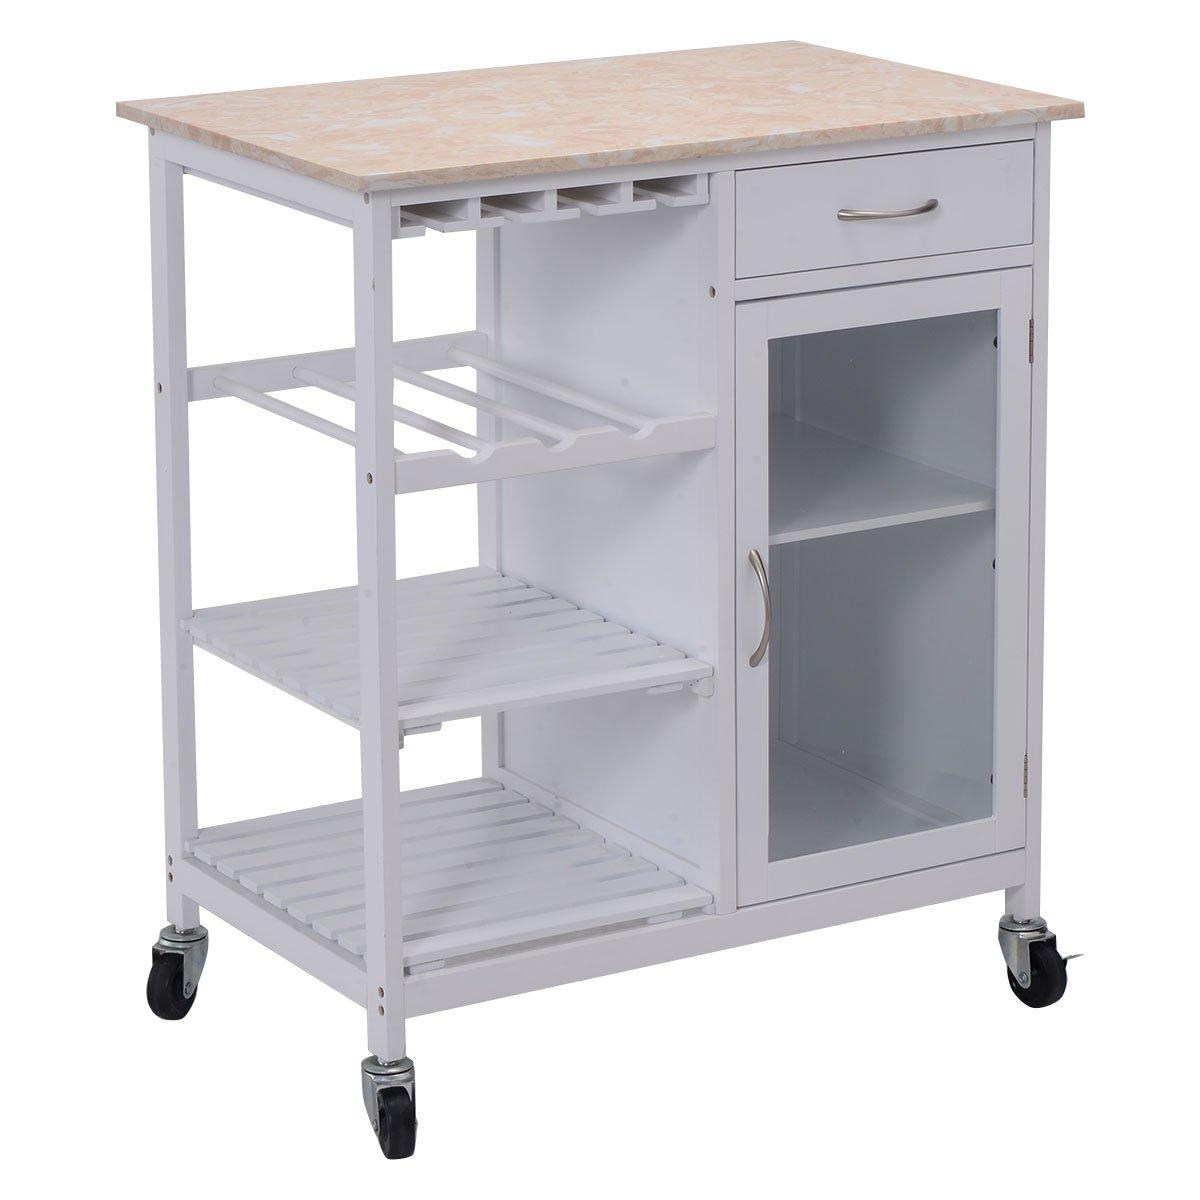 100 Marble Top Kitchen Island Cart Kitchen Island Cart With Marble Top Modern Kitchen